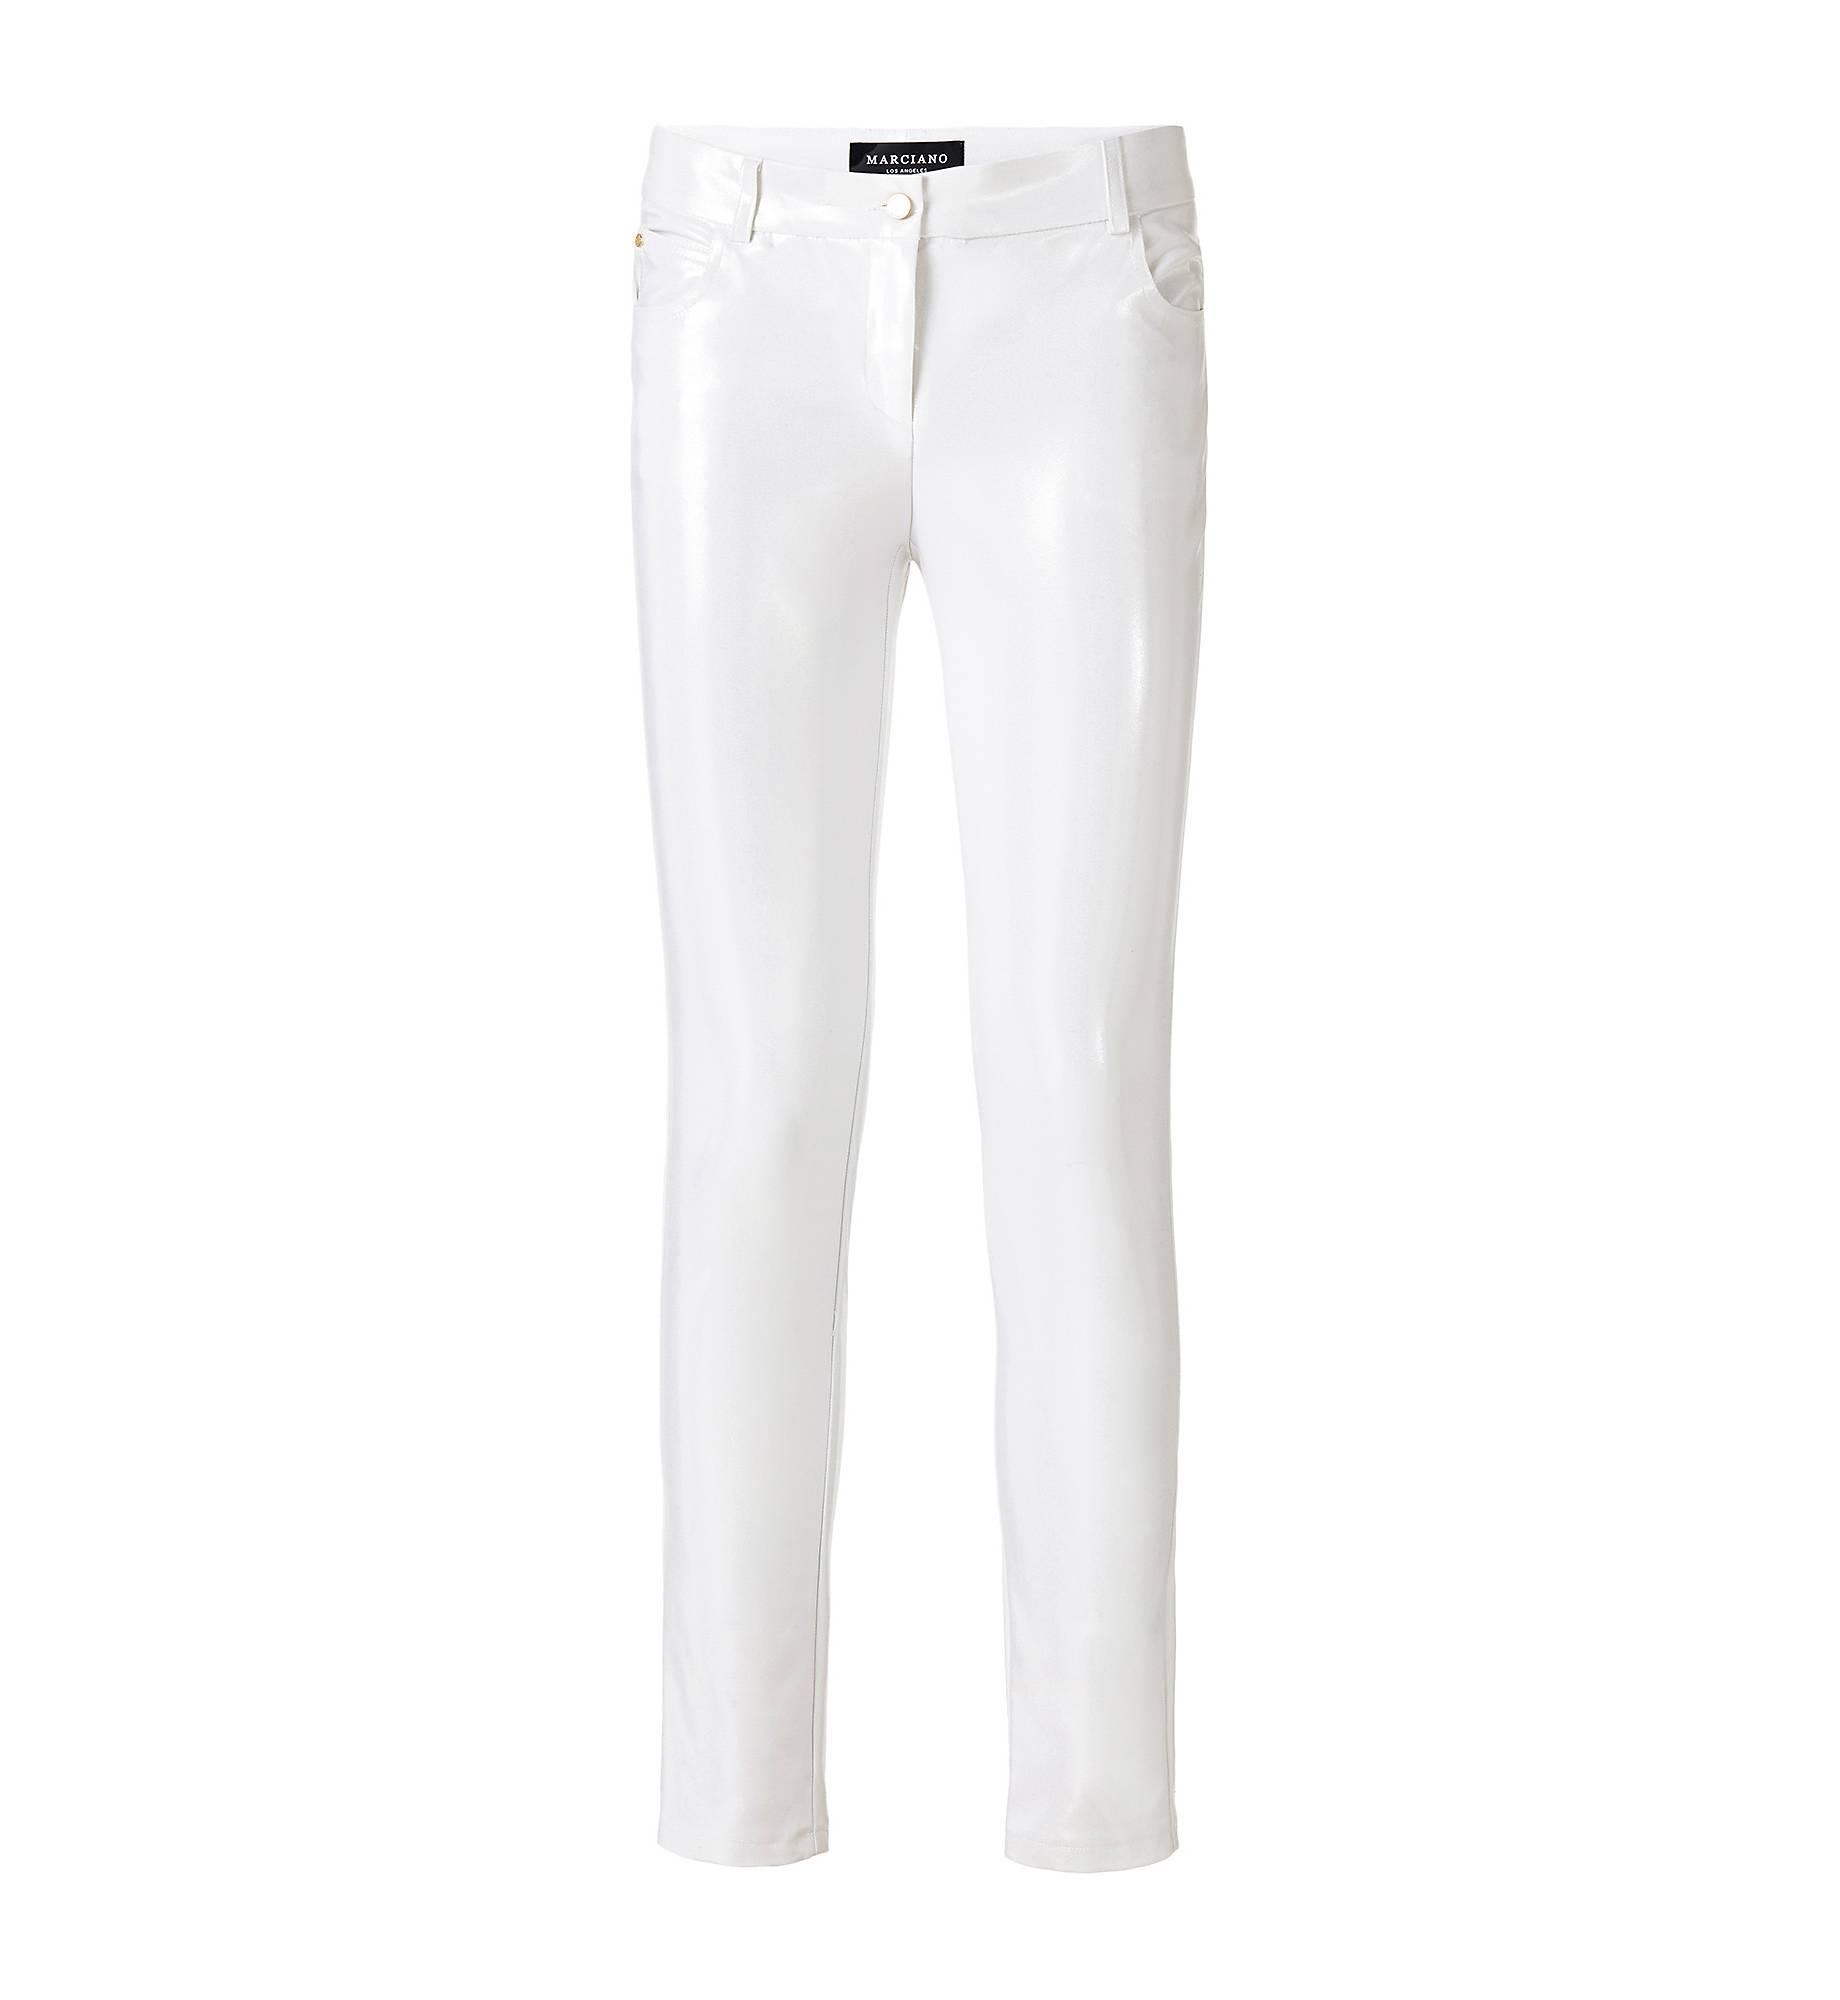 Pantalone Marciano Effetto Spalmato